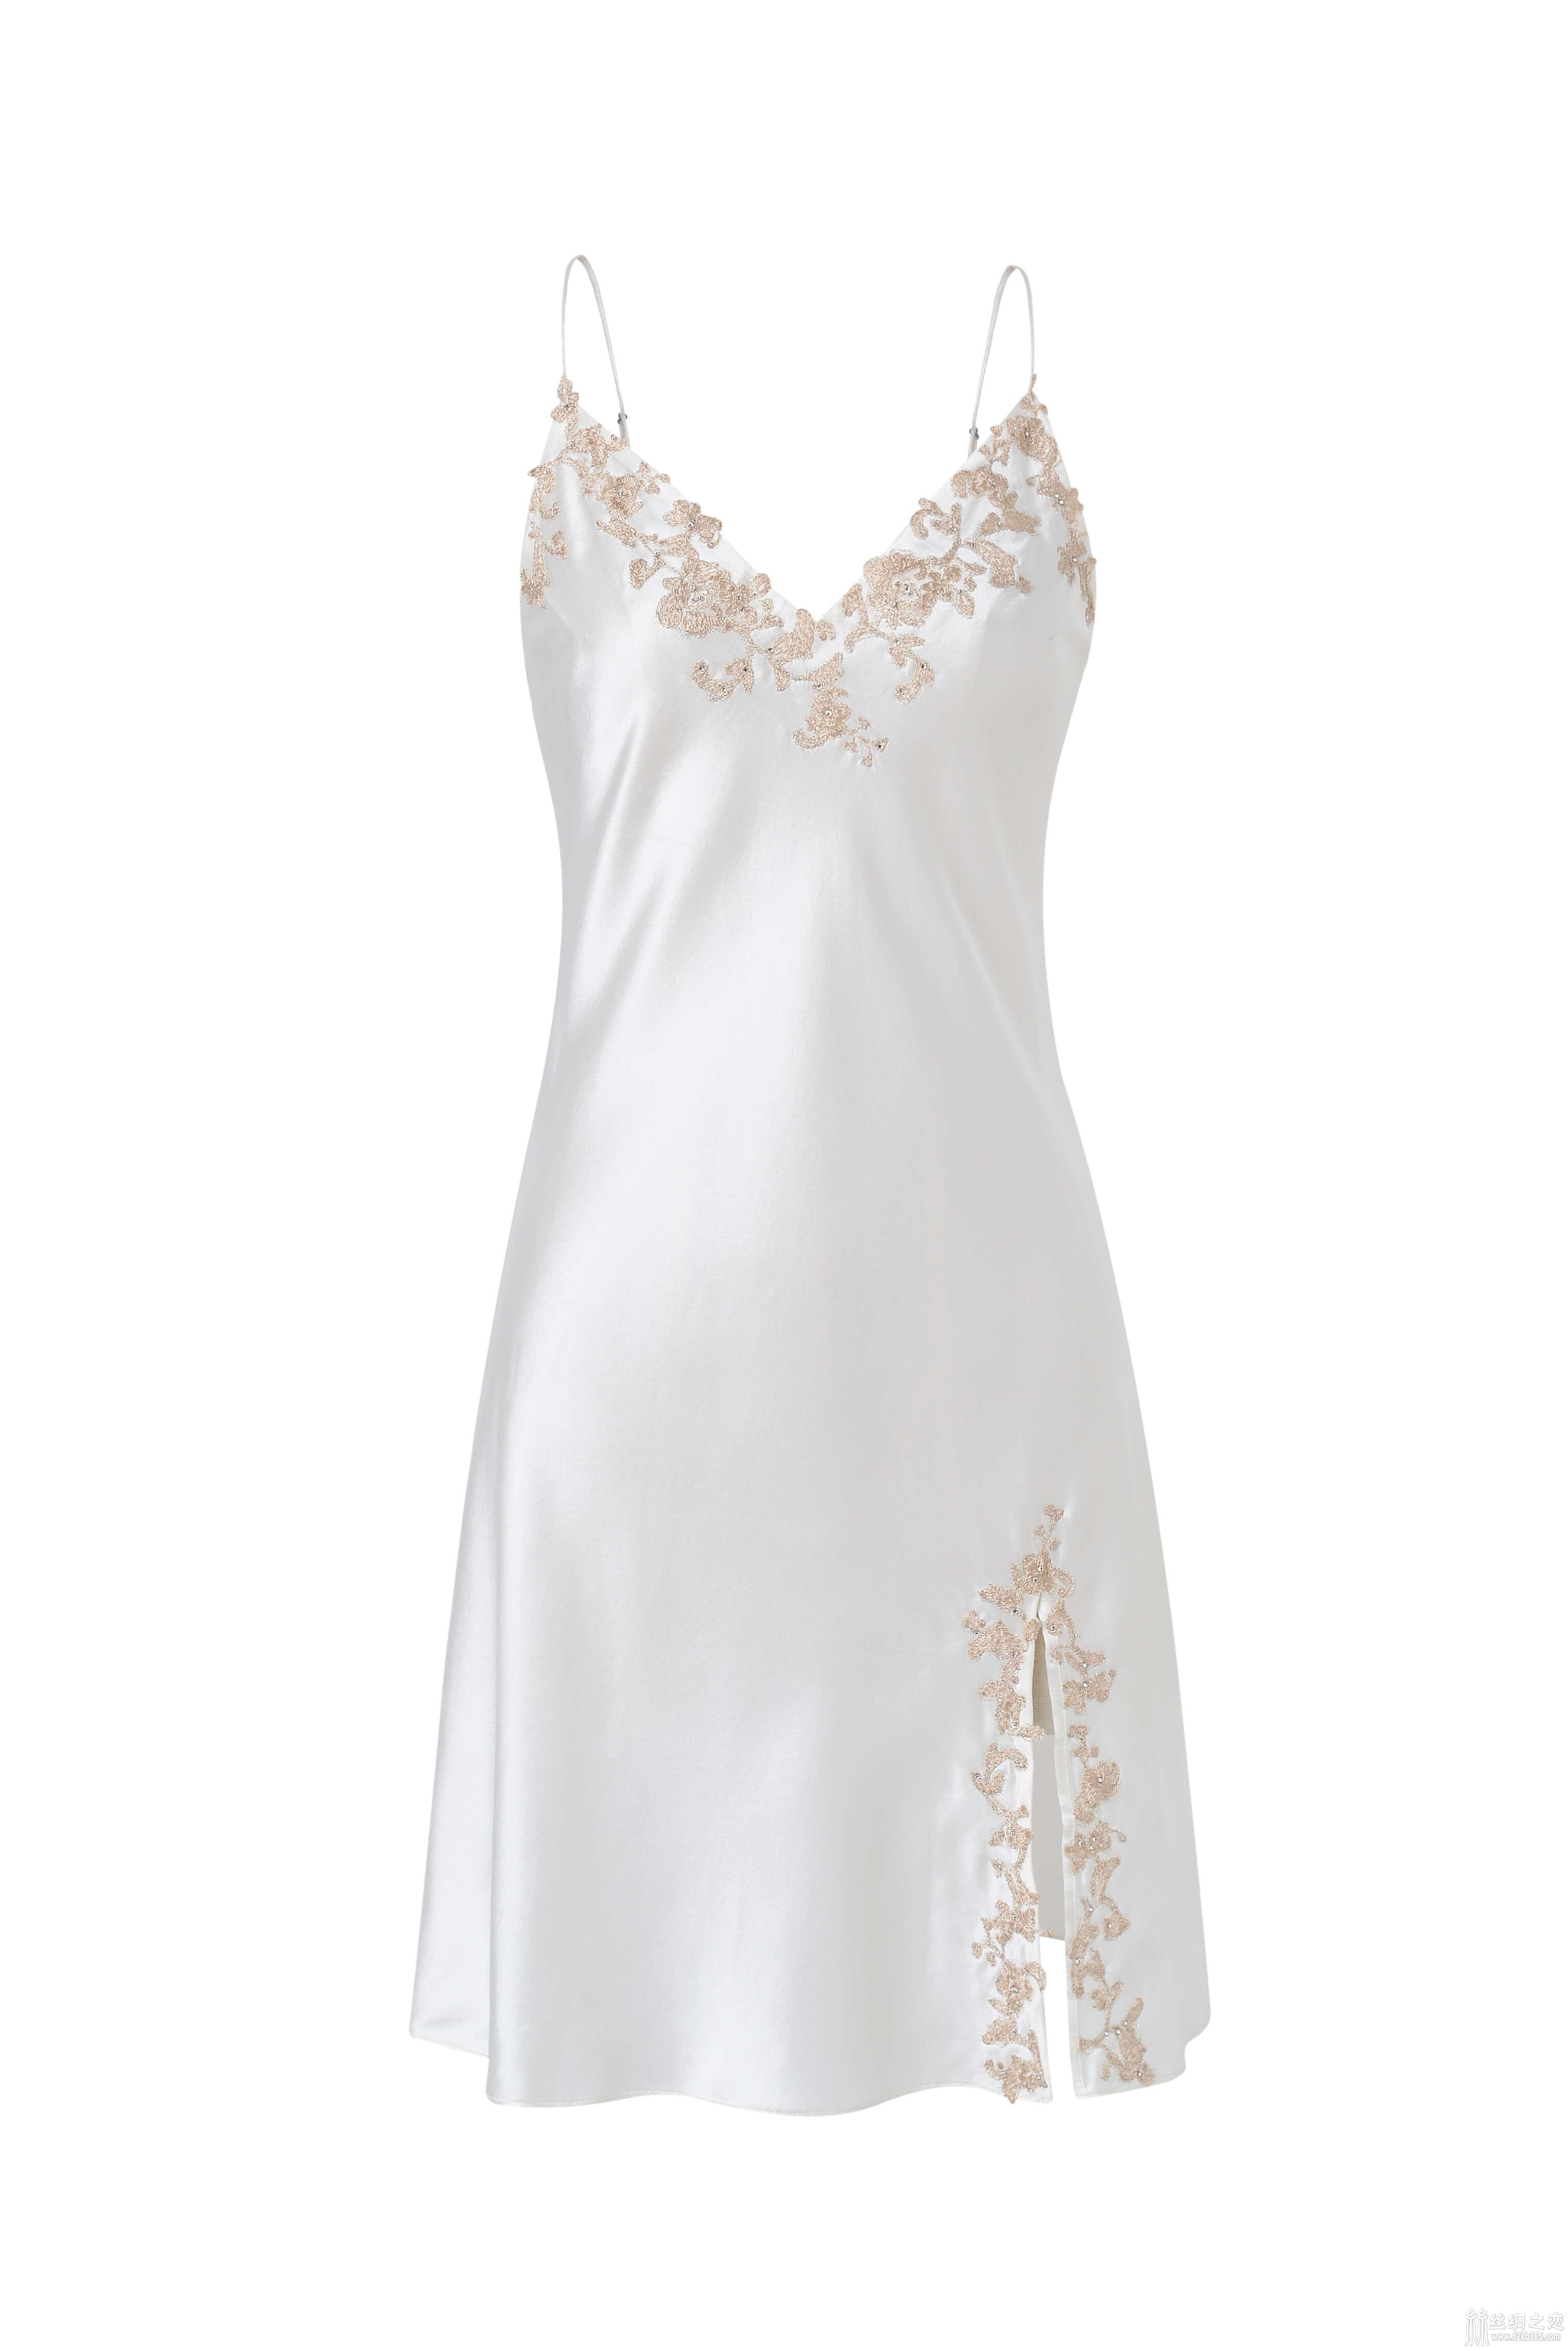 52kb 细腻姓感的裙身,高贵经典的法国蕾丝睡裙 AGU_8479.jpg  丝绸物品爱好者 121528fh556w559rrz59zp